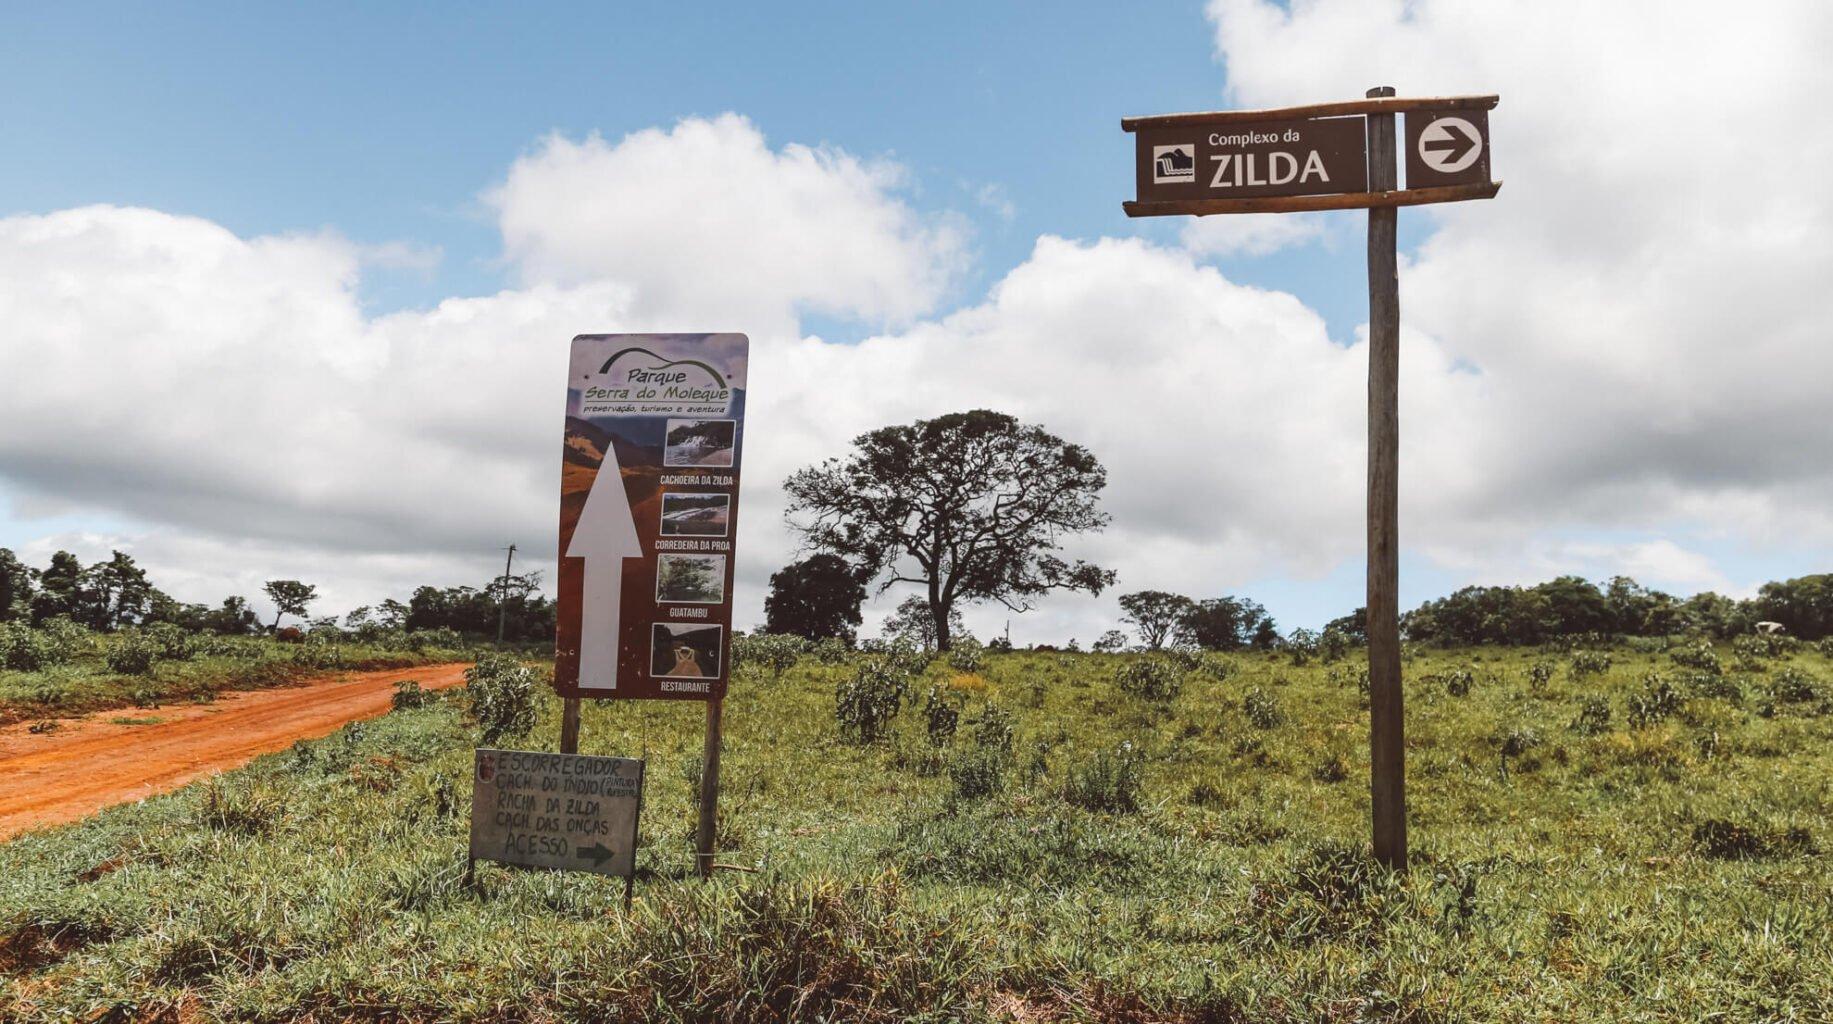 Cuidado para não errar a entrada do Parque Serra do Moleque. A placa é menor e diferente da placa que indica  a direção para o Complexo da Zilda.